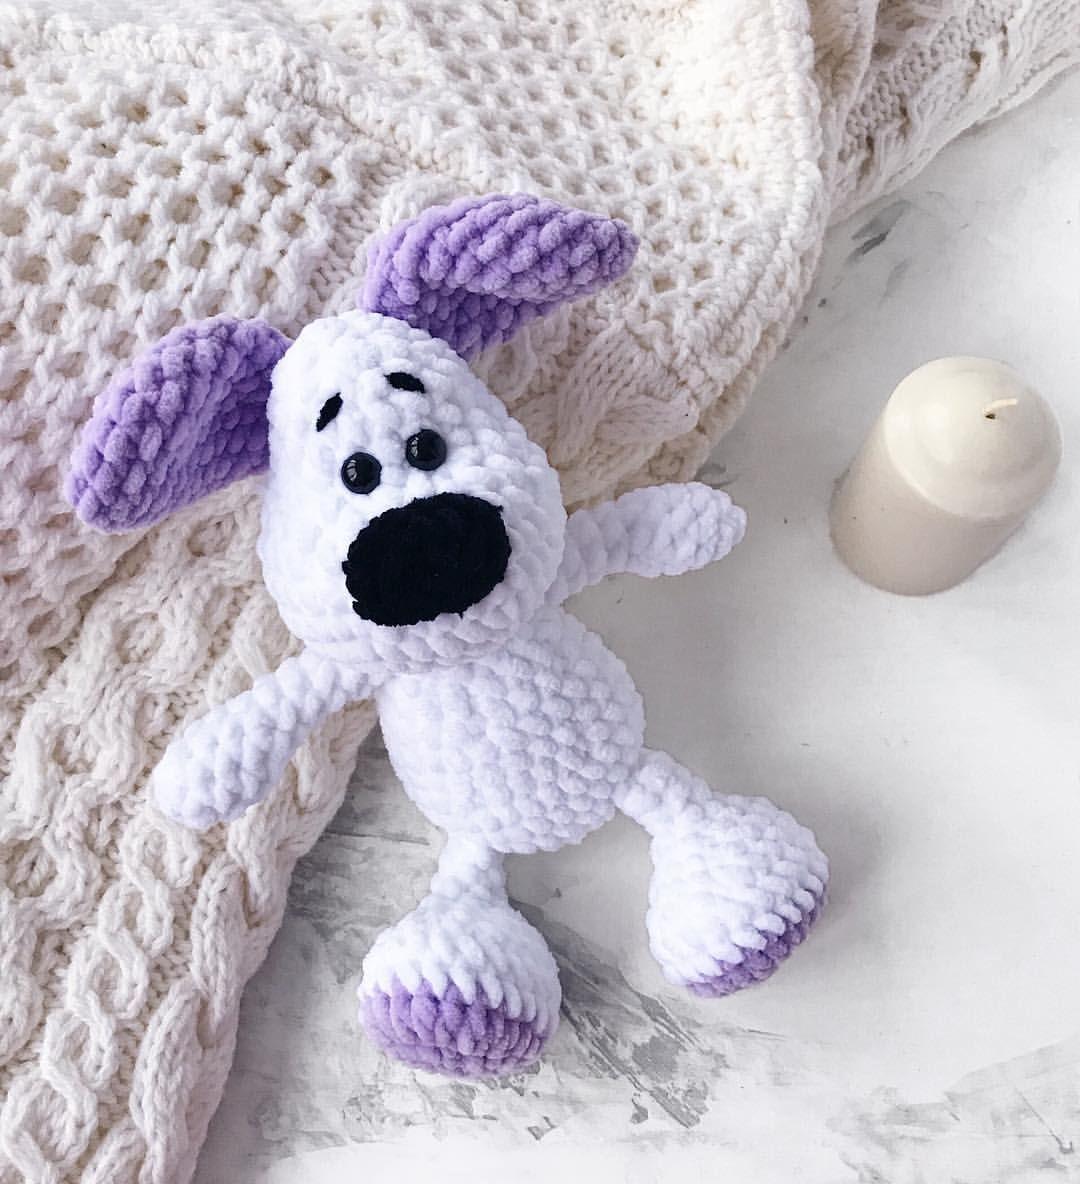 Vyazanye Igrushki Podarki Airknitting Design V Instagram Kupit Myagkaya Igrushka Kryuchkom Mk Opisanie Am Crochet Toys Patterns Crochet Toys Knitted Stuffed Animals